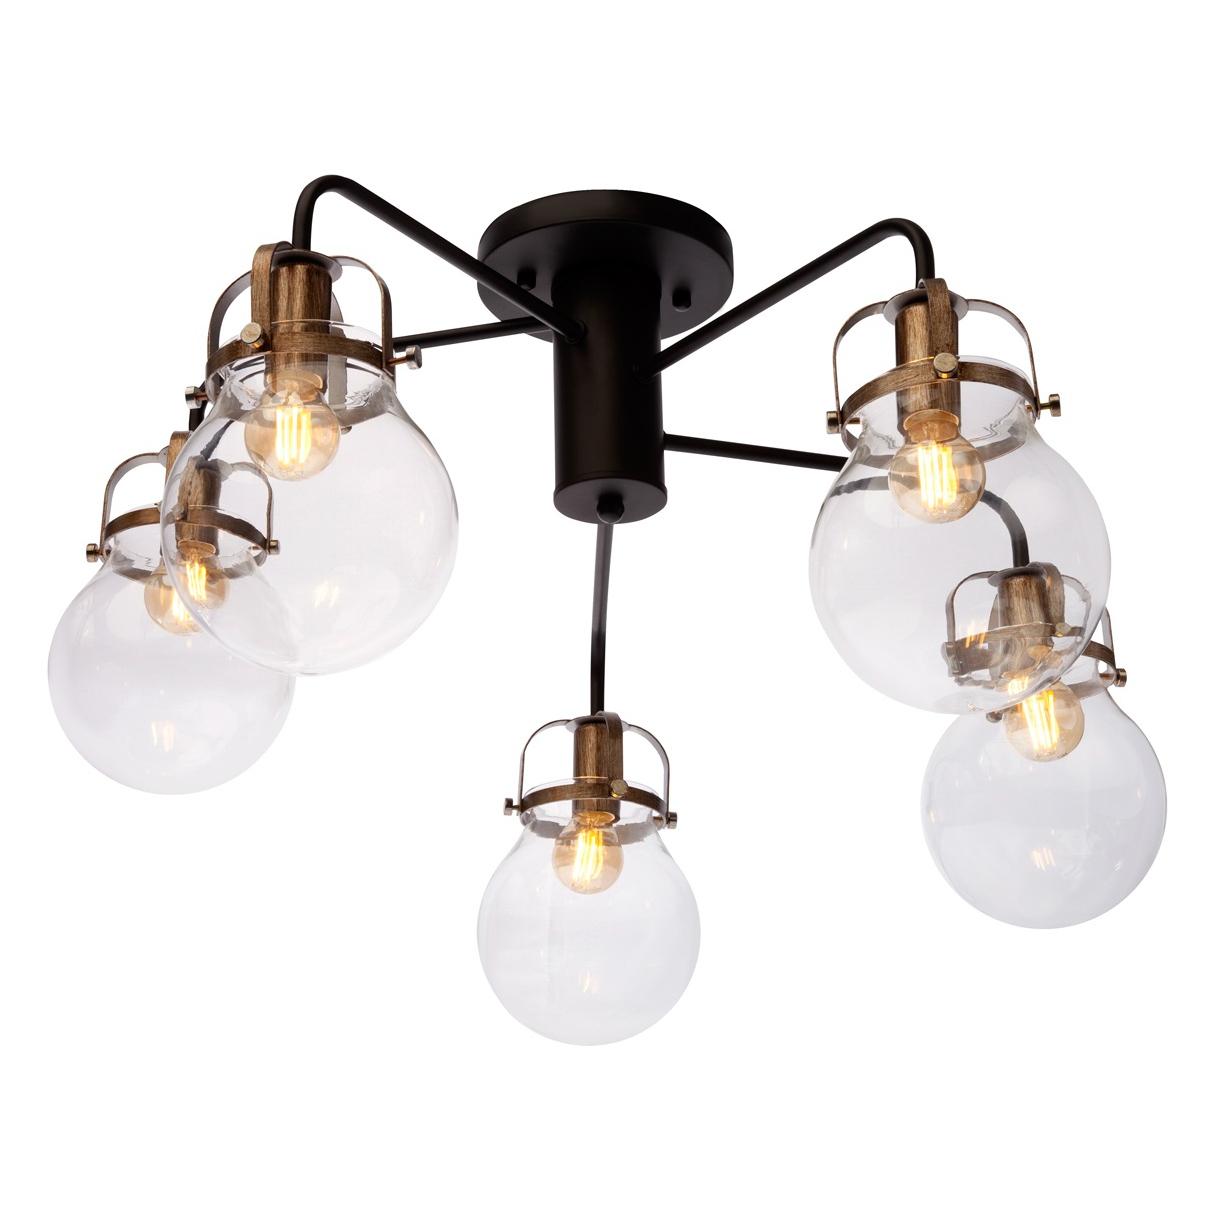 Люстра потолочная J-light REARM 1026/5C E14*5*40W черный/никель/прозрачный люстра потолочная j light jeam 1013 8c e14 8 40w черный матовый